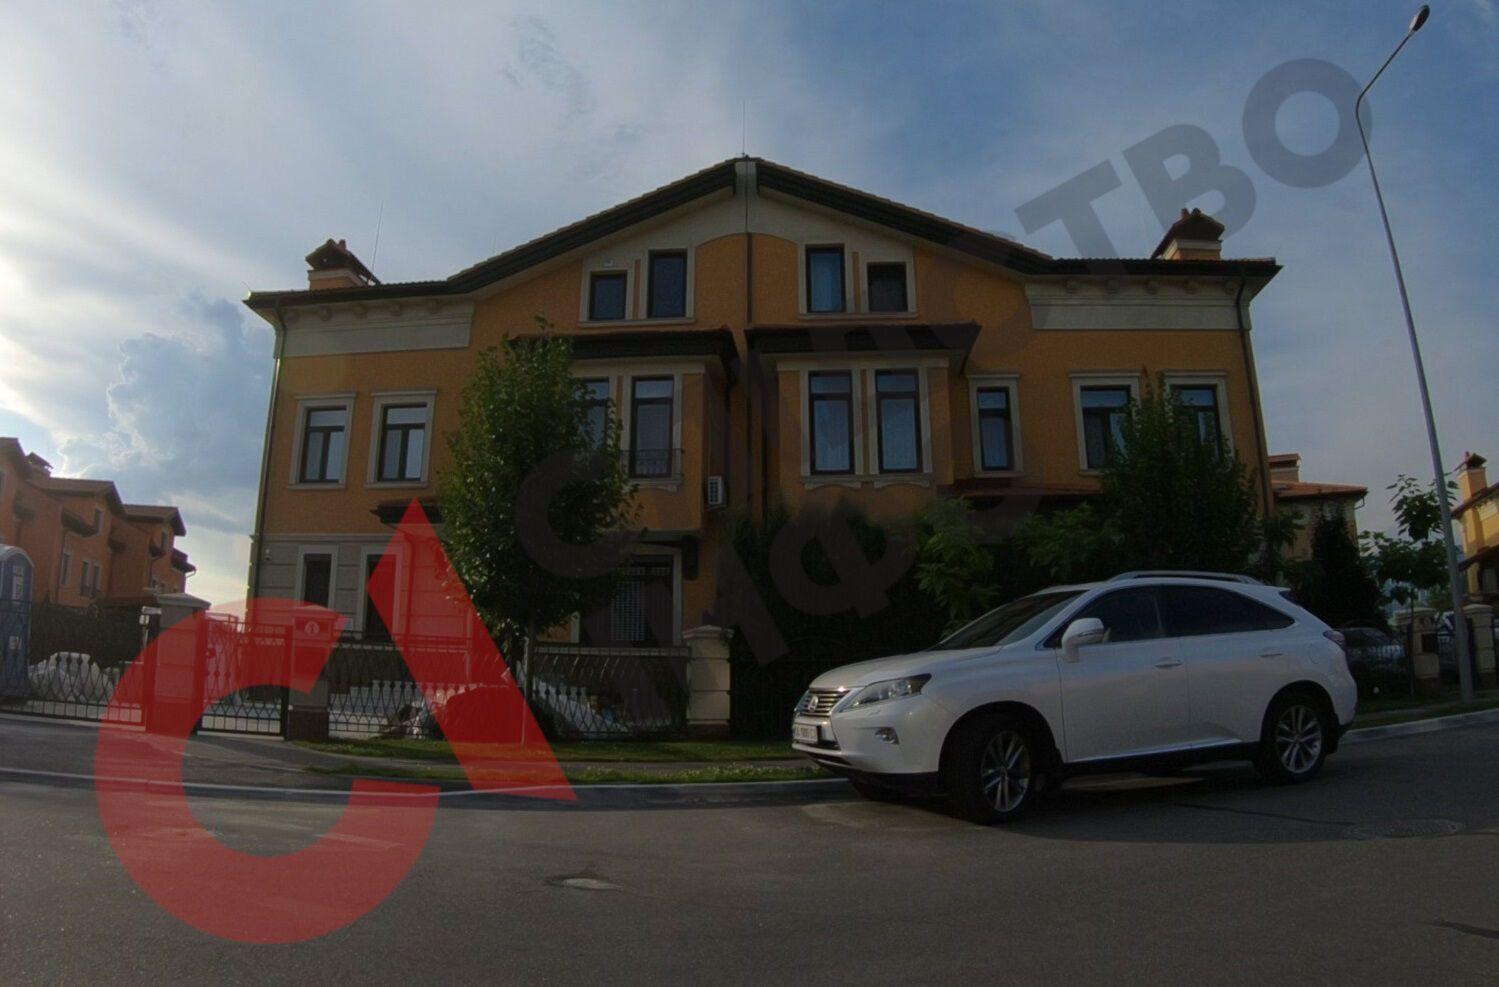 Половина дома, в котором может жить Александр Гринчак – слева. Справа – Lexus, которым пользуется его жена